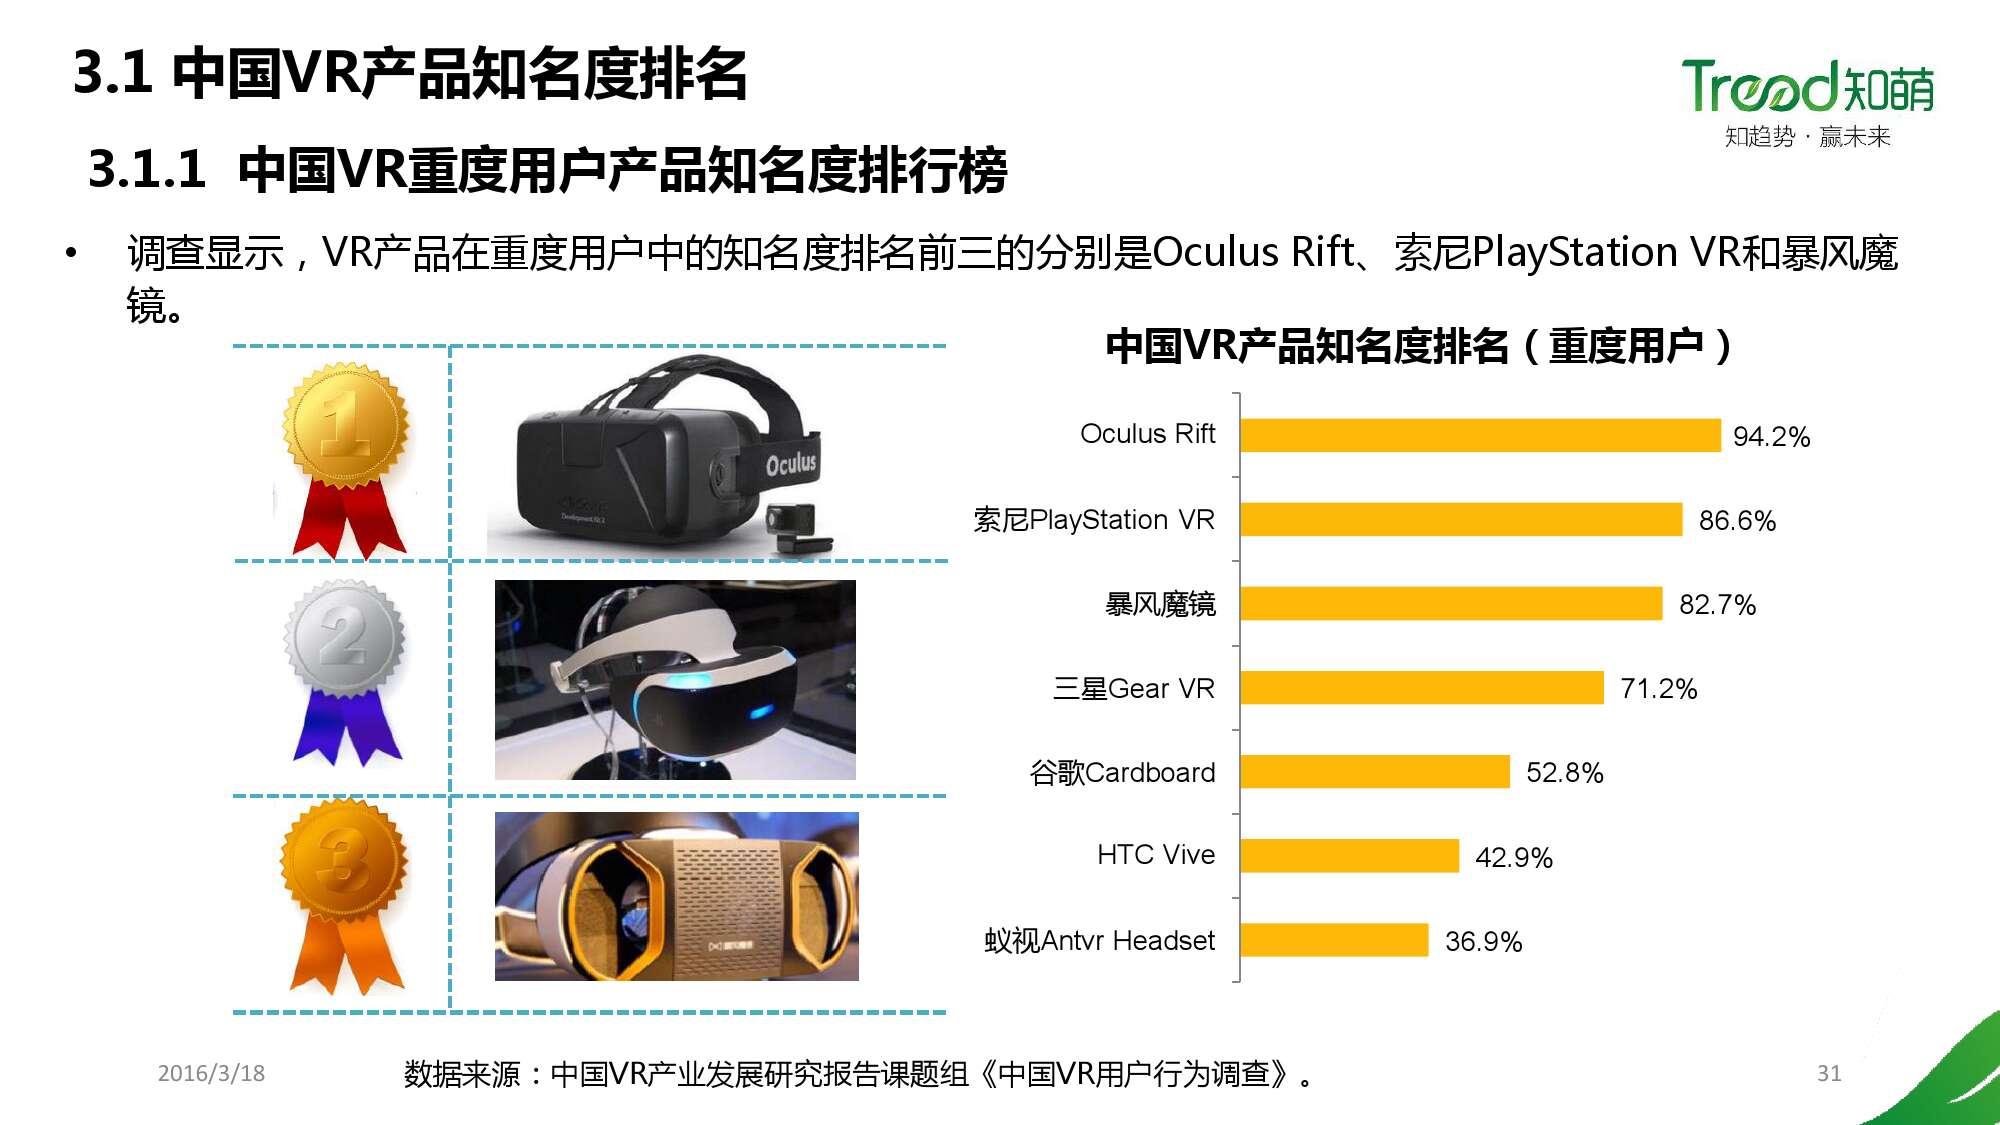 中国VR用户行为研究报告_000031